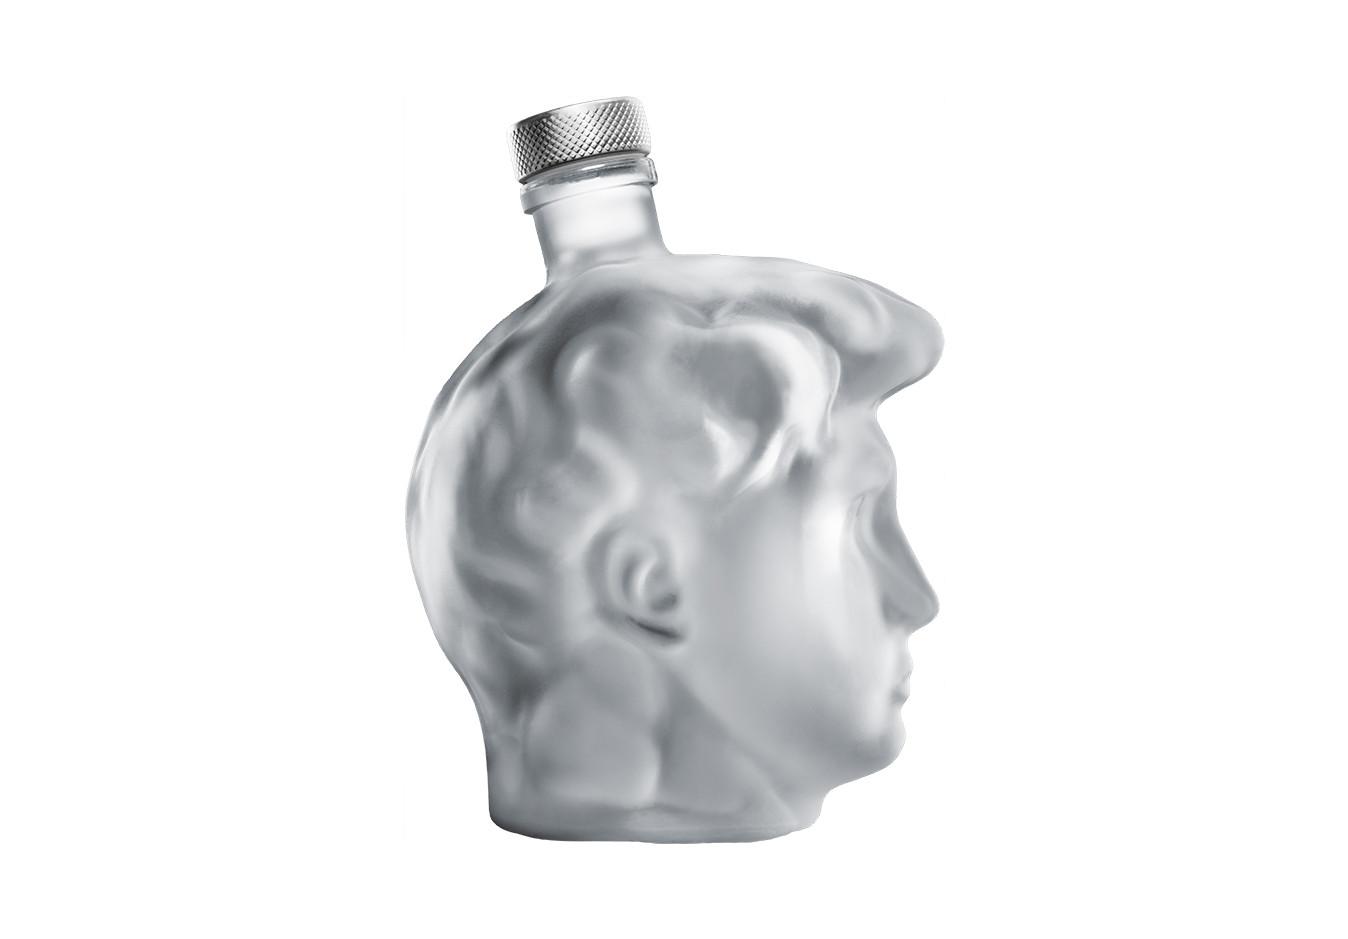 David_Luxury_Vodka_premium_spletna_trgovina_alkohol_dostava_rr_selection_slovenija.png